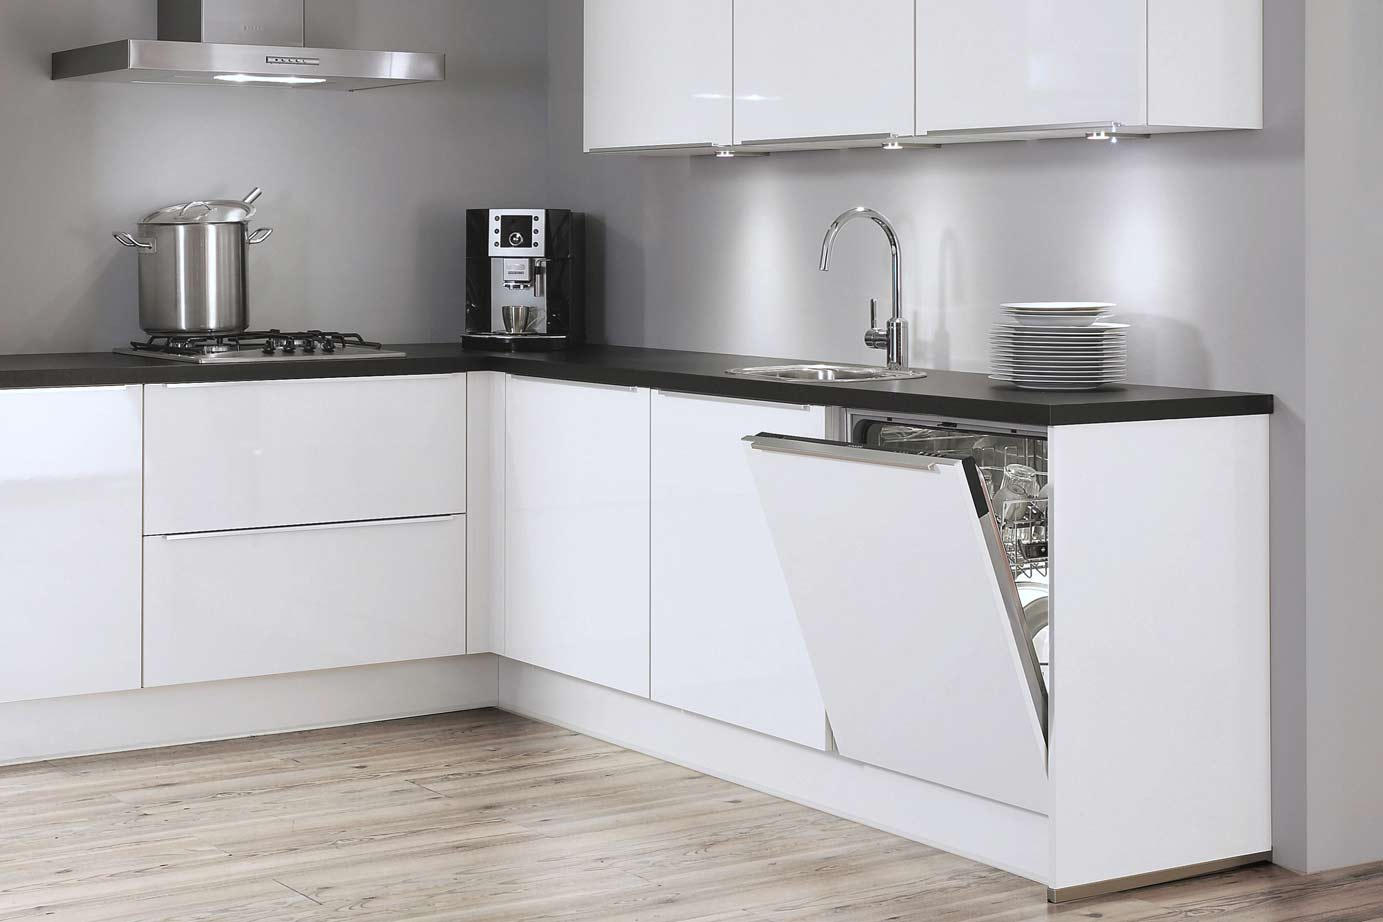 Keuken Greeploze : Greeploze keuken. Kennisgemaakt met ons huismerk? – DB Keukens